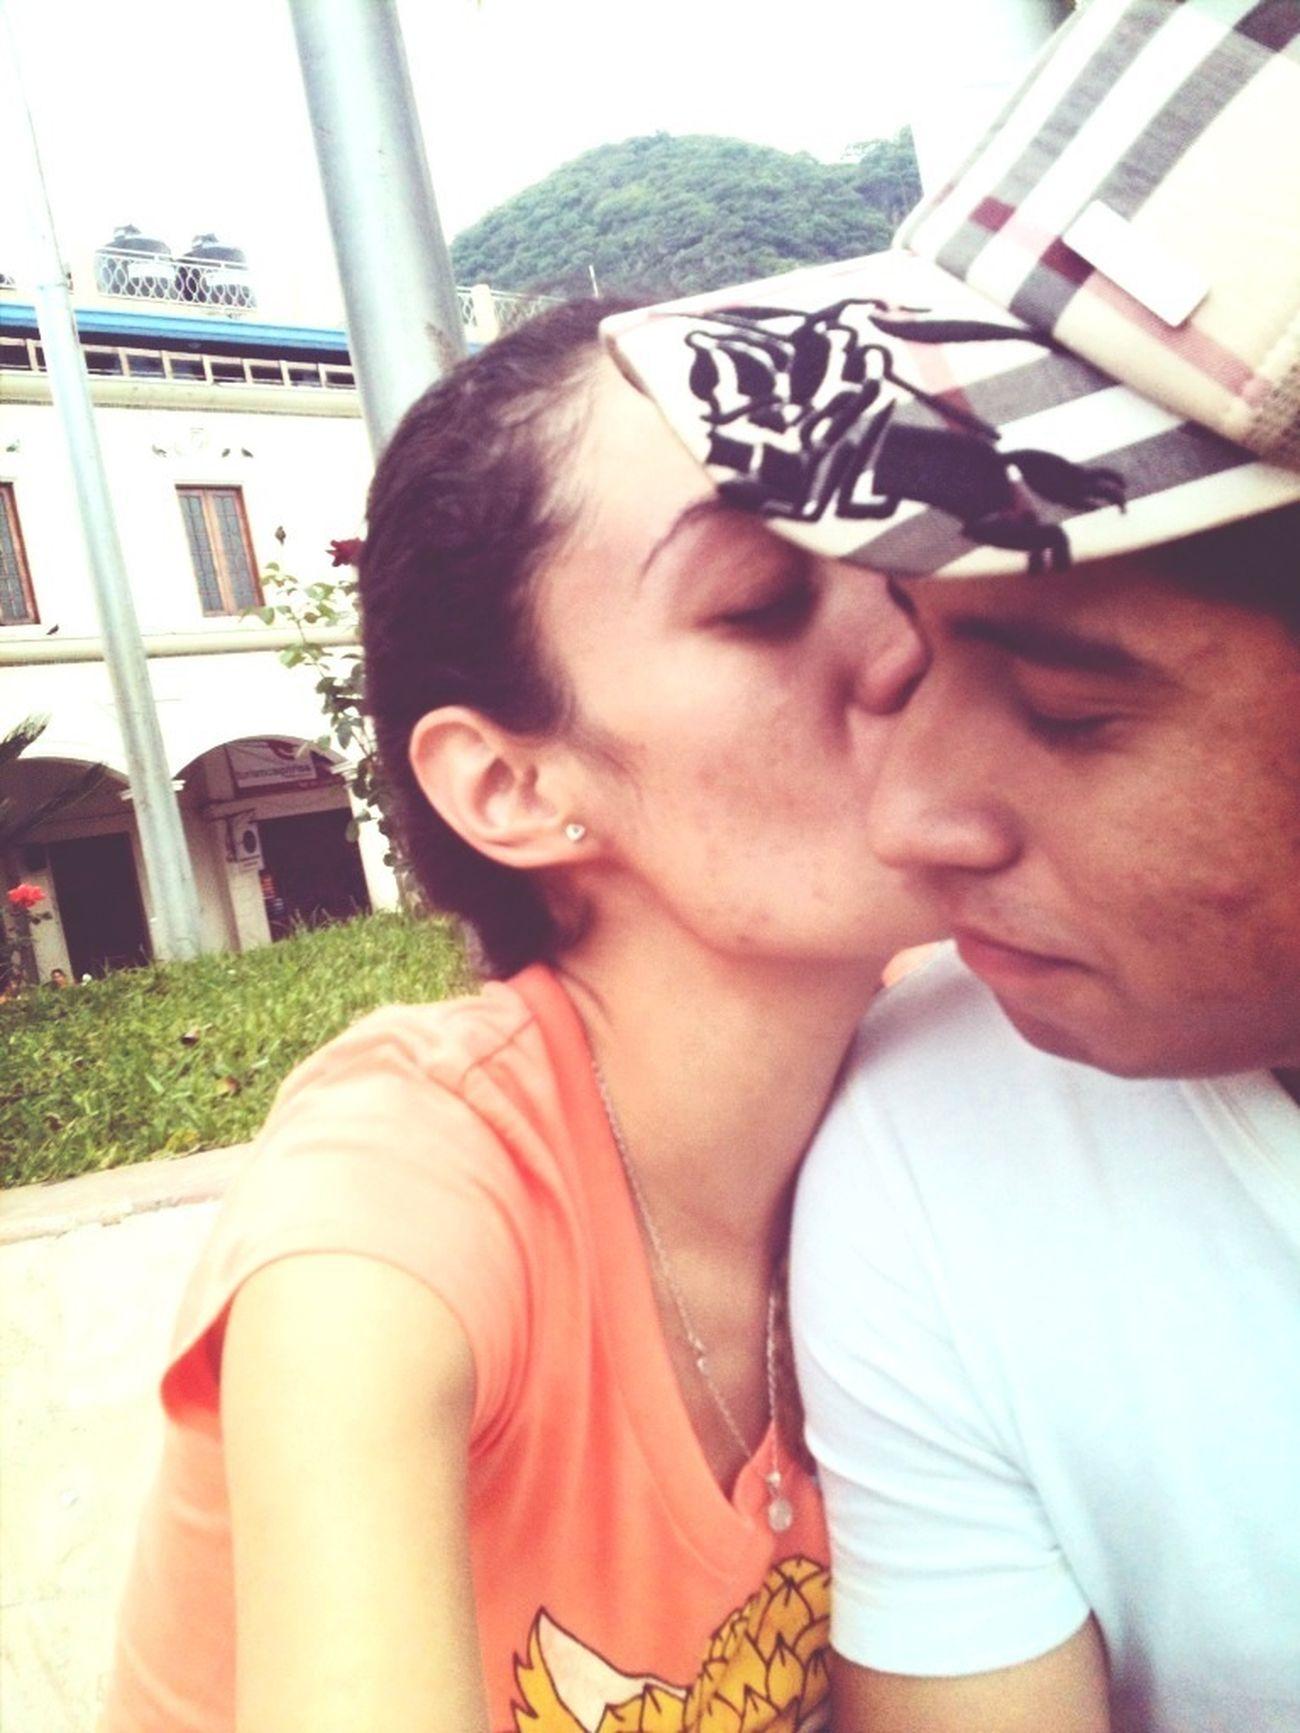 I LOVE HIM♥